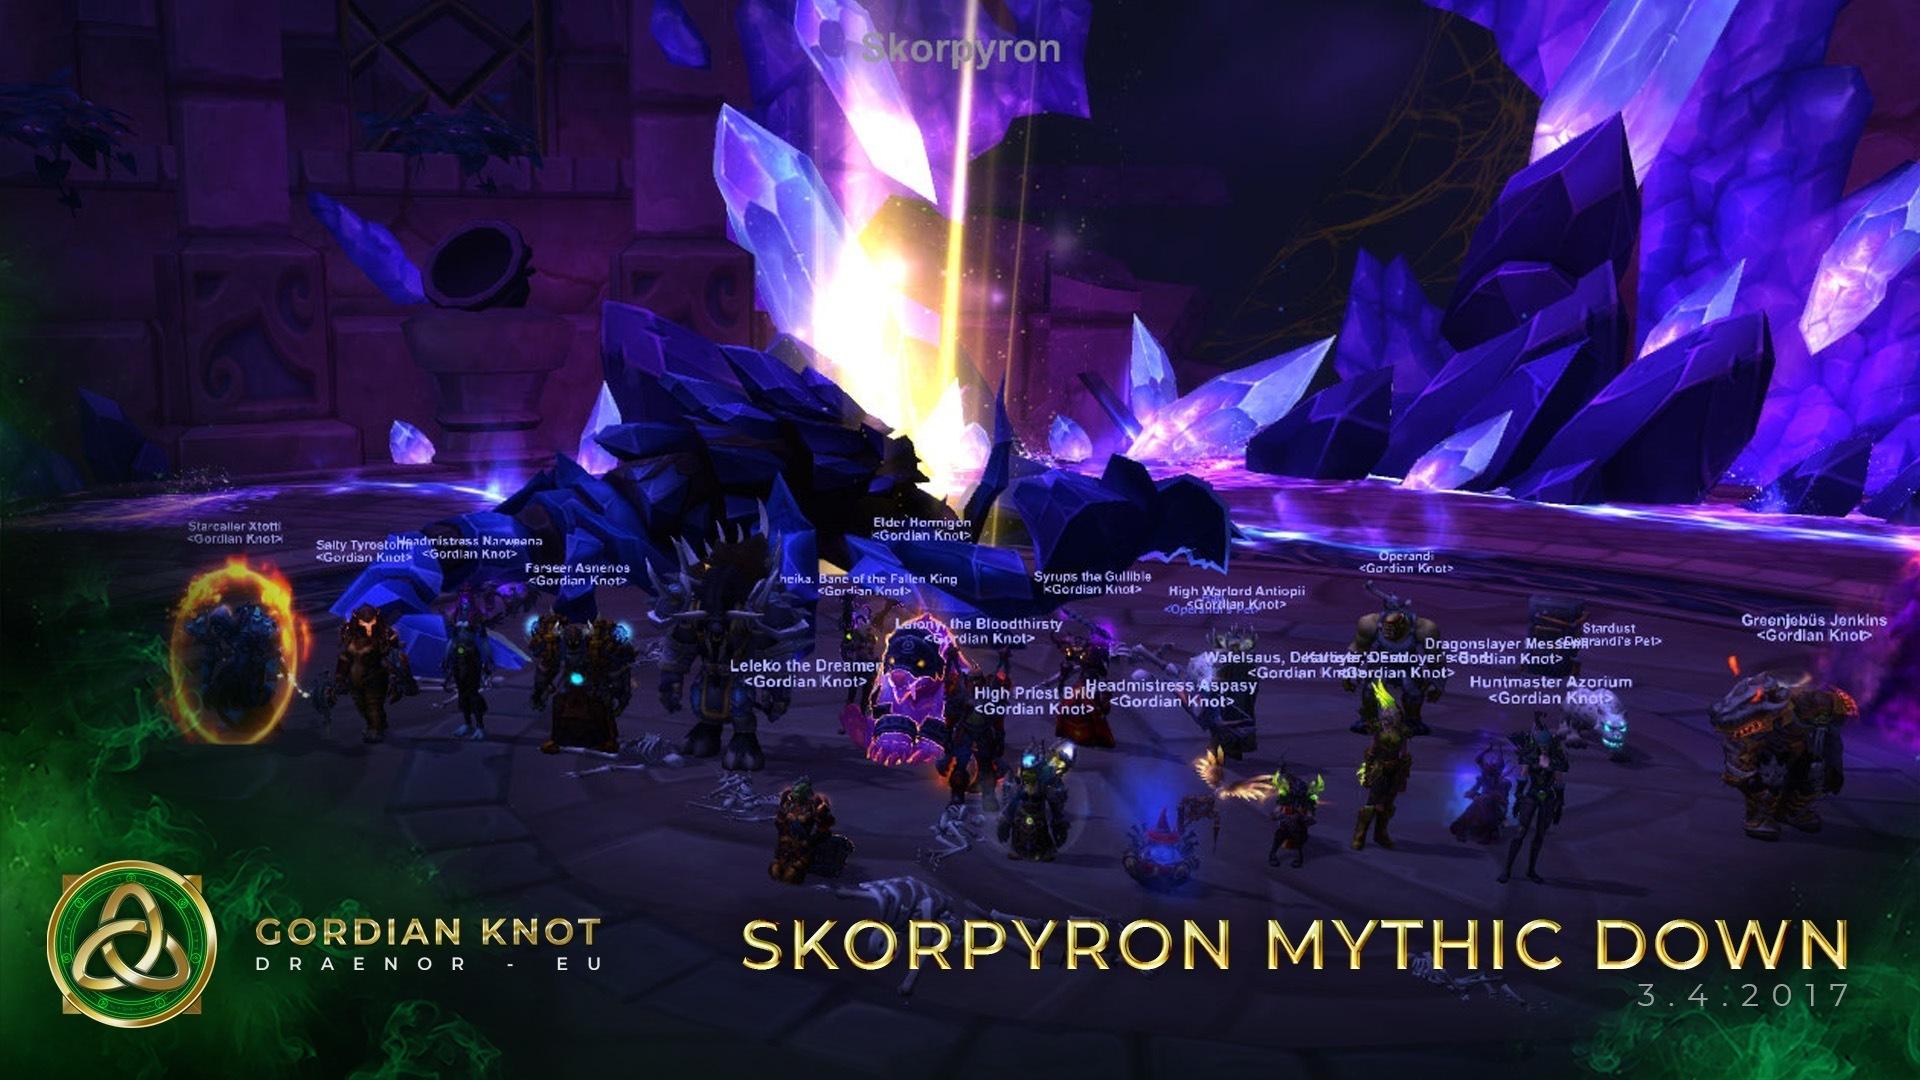 Skorpyron Mythic